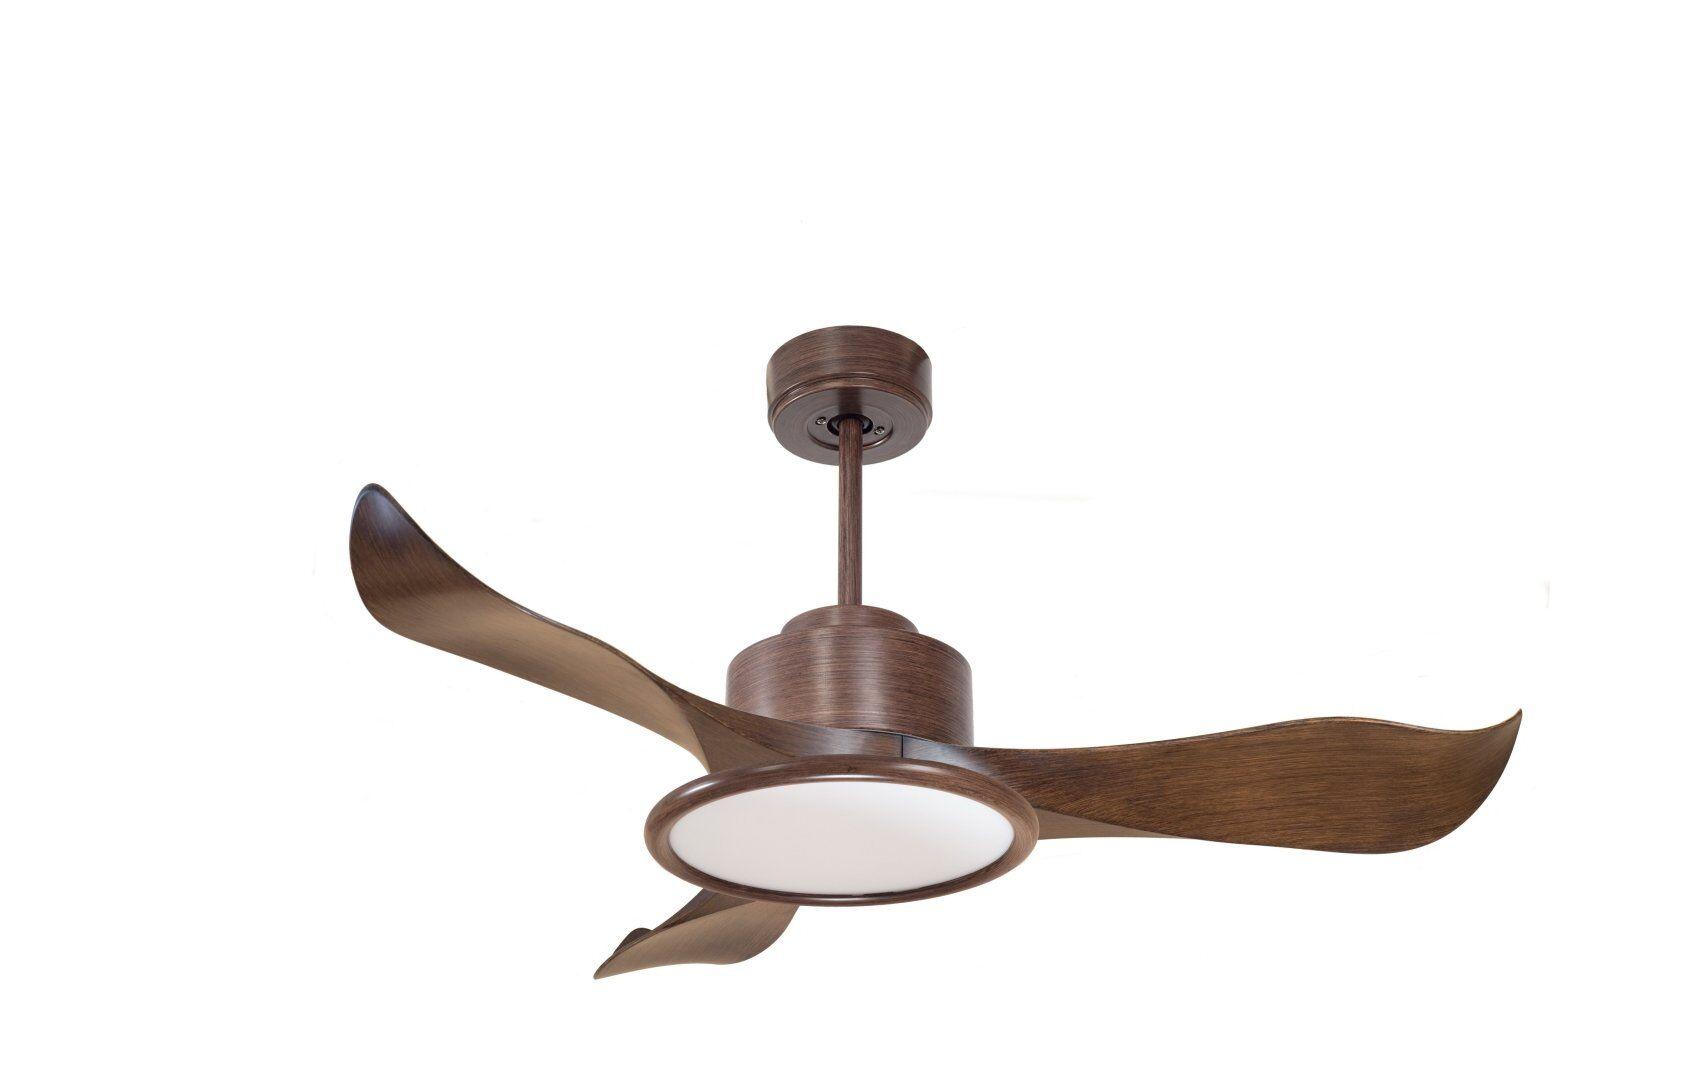 KlassFan Modulo KlassFan - Super destratification fan, wood color with light, ideal for 40 to 60 m² DC2_P1Wo_L2Wo